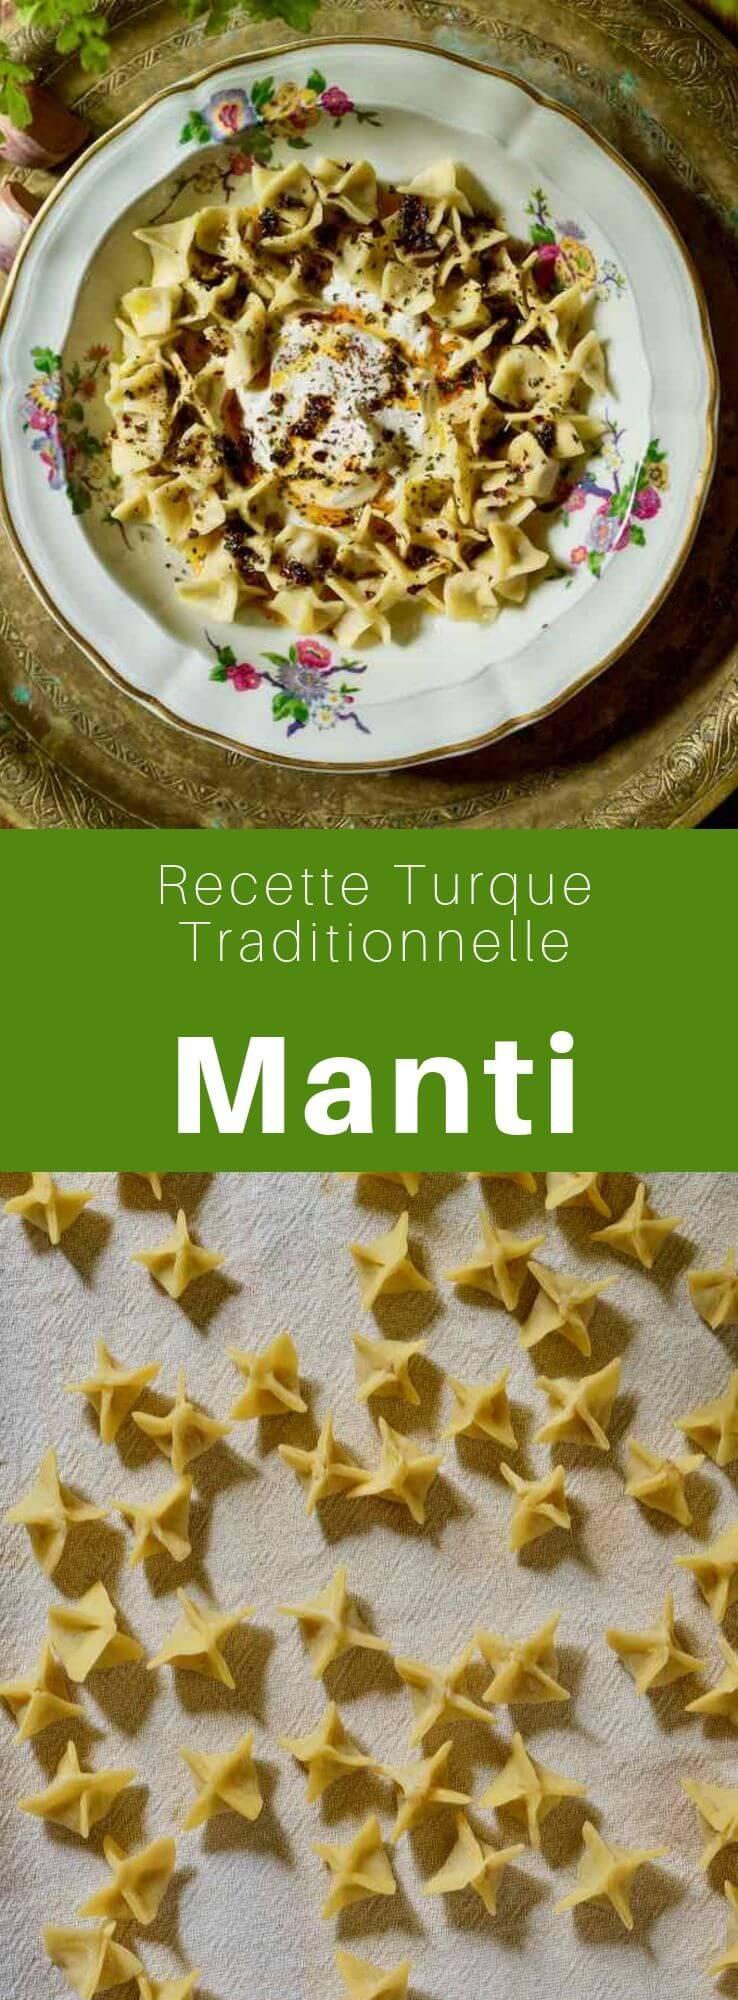 Les manti sont des raviolis d'origine turque et populaires dans les cuisines d'Asie centrale, d'Arménie, et chez les Ouïghours, farcis d'agneau ou de bœuf et servis avec sauce épicée et yaourt à l'ail. #Turquie #RecetteTurque #CuisineTurque #CuisineDuMonde #196flavors